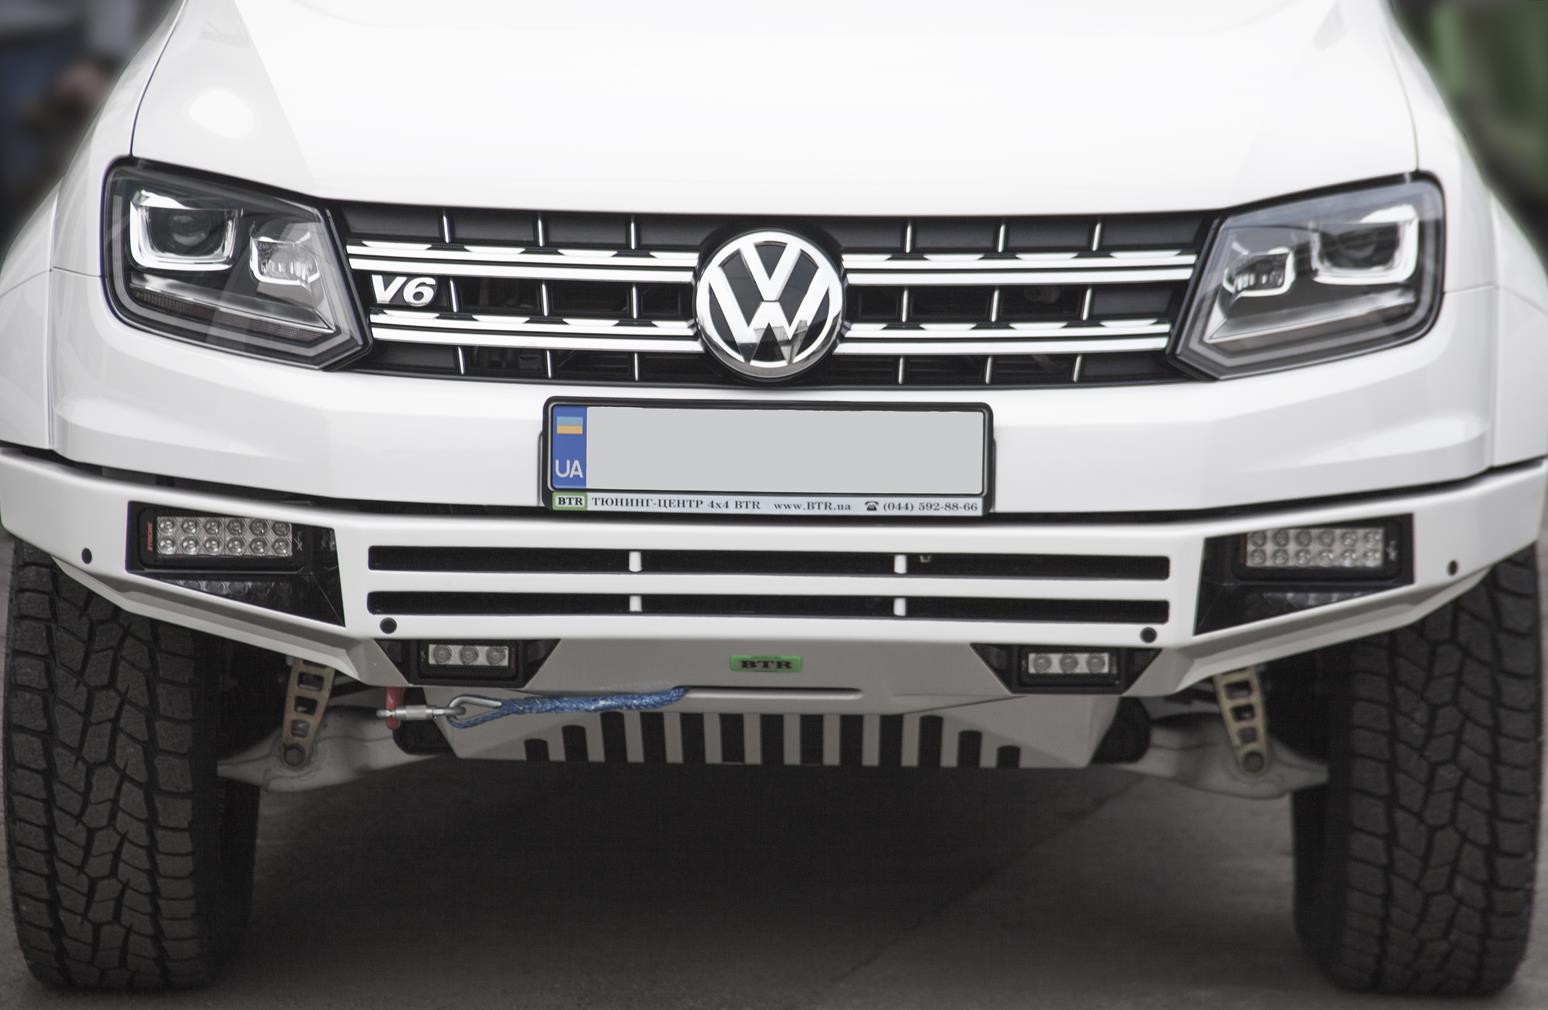 Volkswagen Amarok 2017 V6 Tuning 37